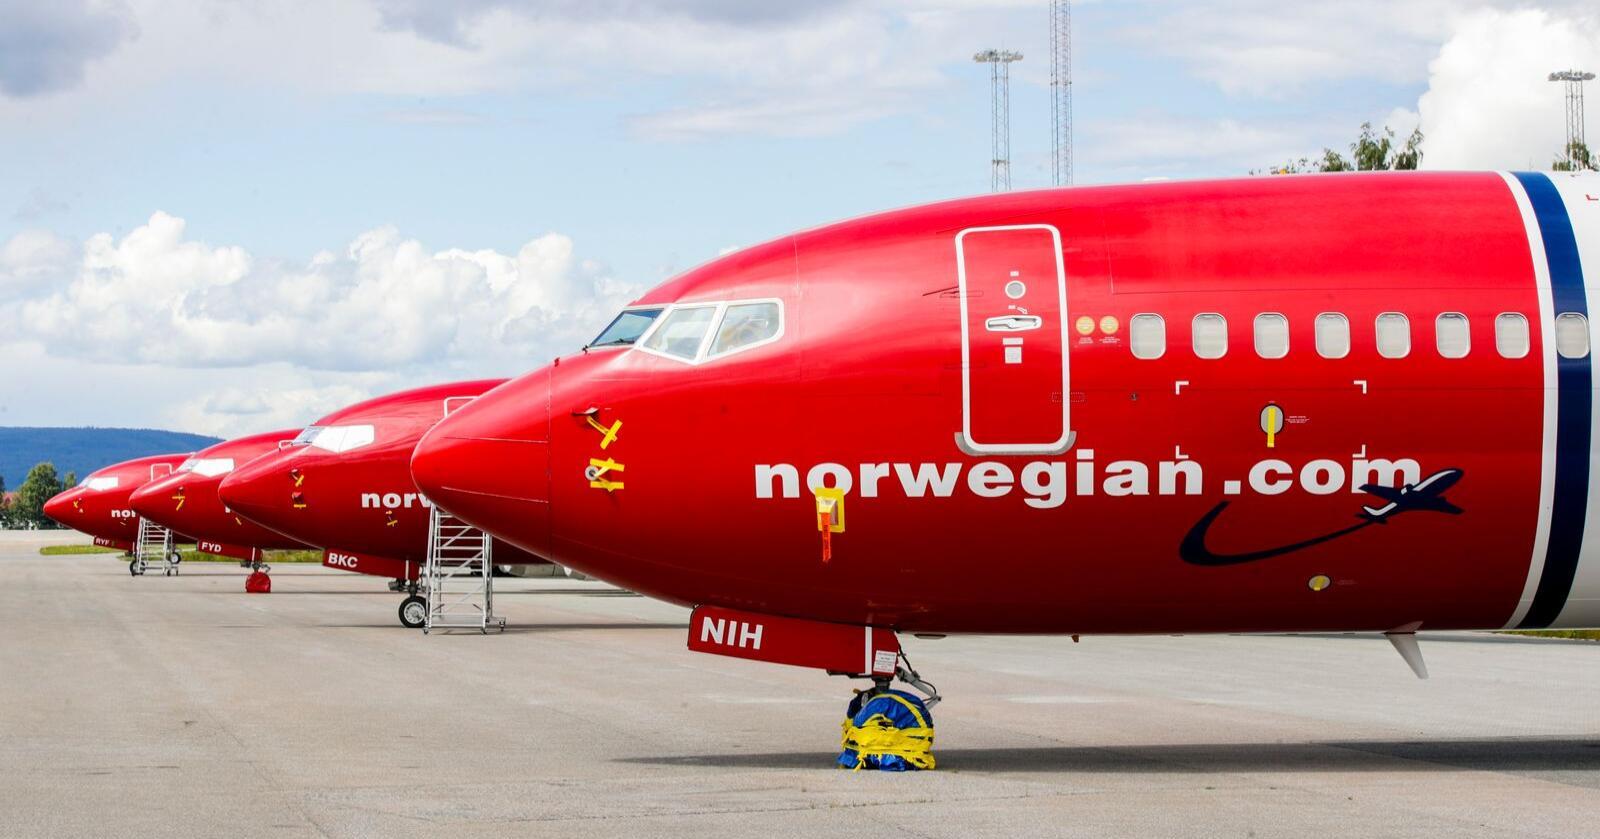 SV har henta inspirasjon frå Austerrike og foreslår minstepris på flybillettar. Foto: Vidar Ruud / NTB scanpix